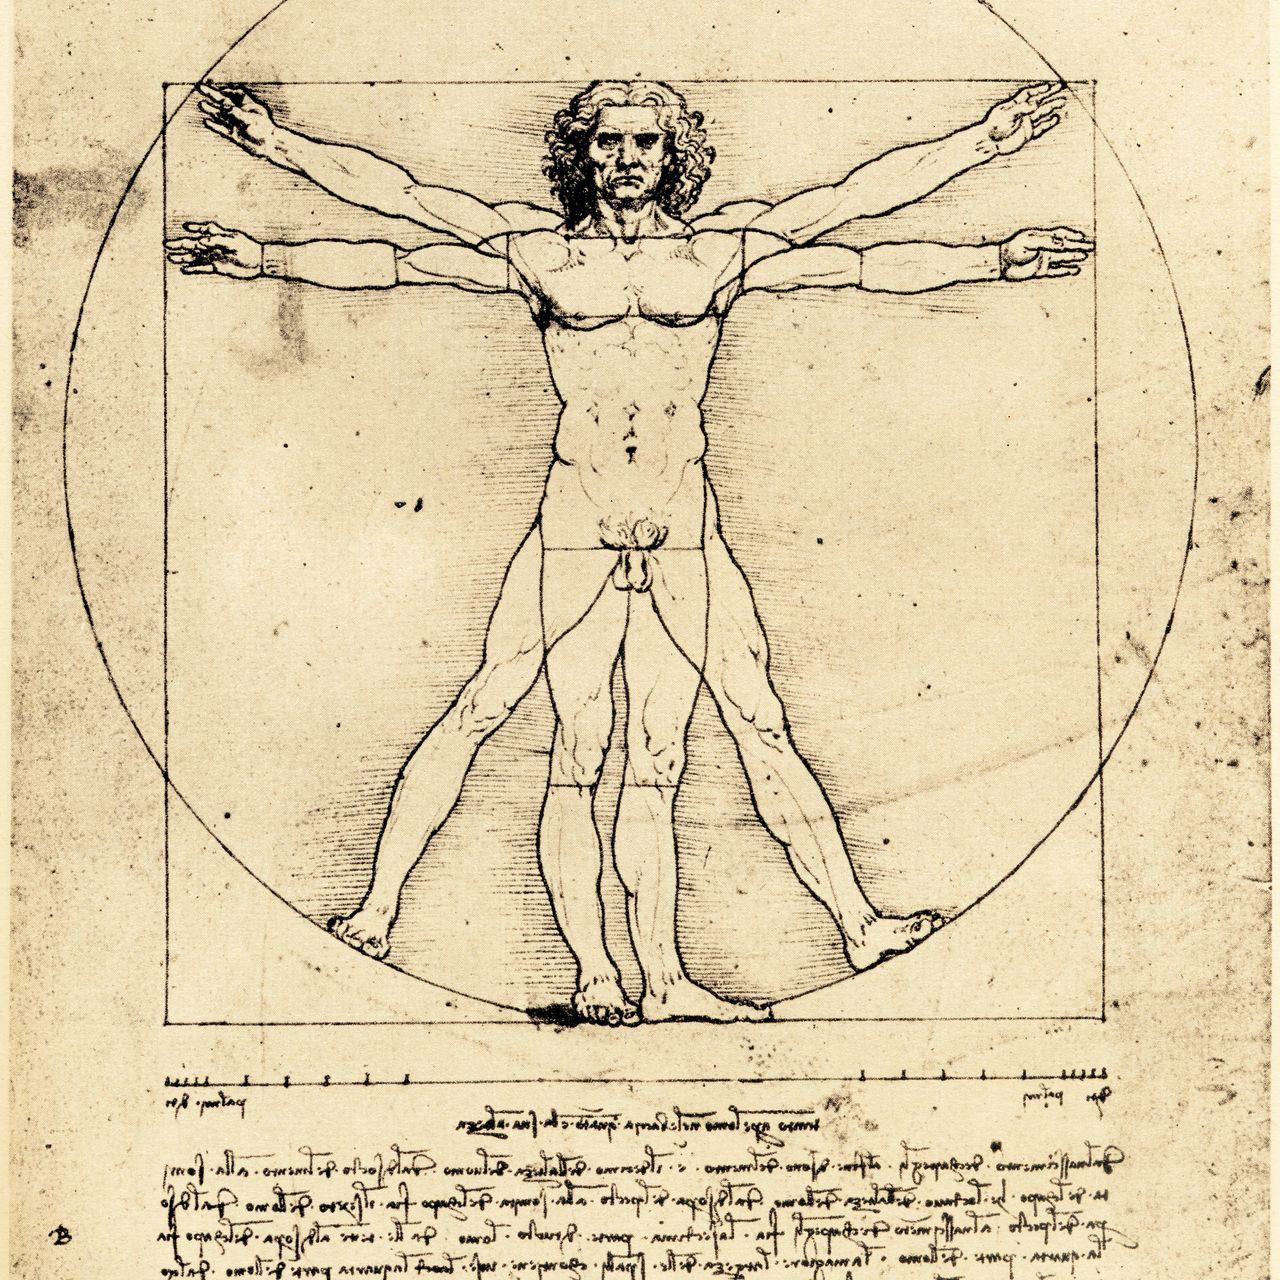 Bức vẽ nổi tiếng người Vitruvian của Leonardo da Vinci